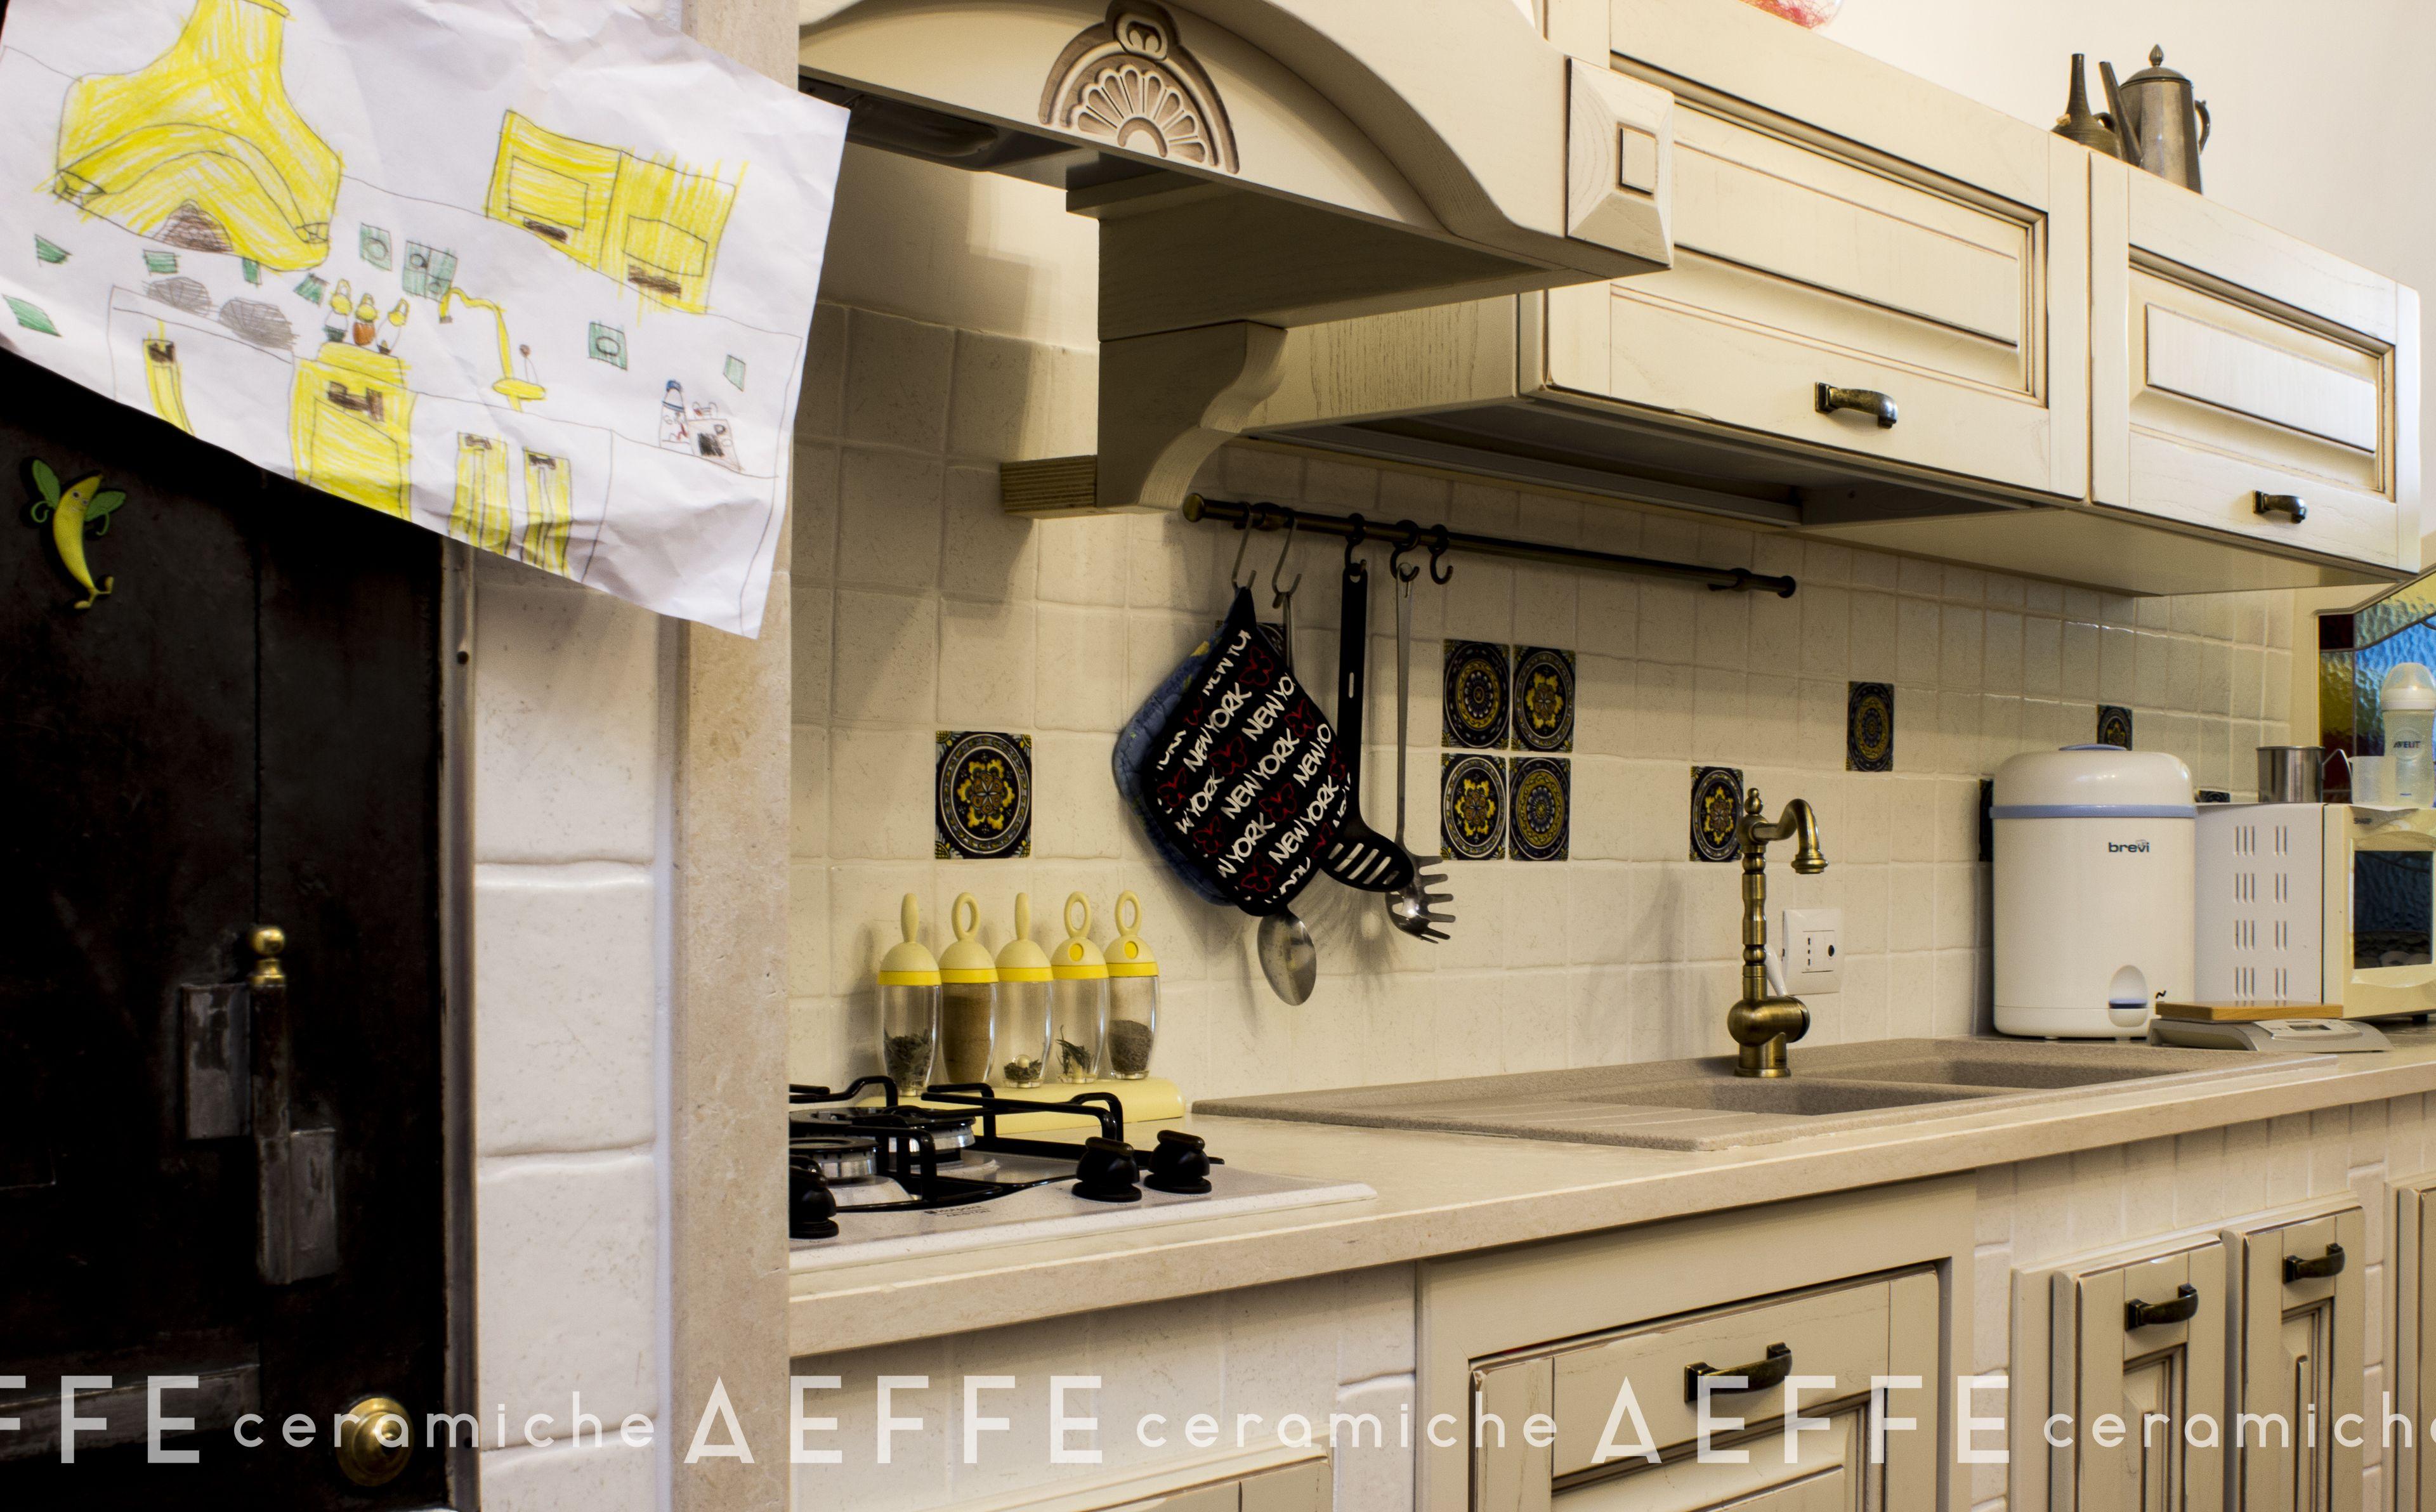 Piastrella per rivestimento cucina 10x10 per rendere sempre pi accogliente il cuore della - La casa della piastrella ...